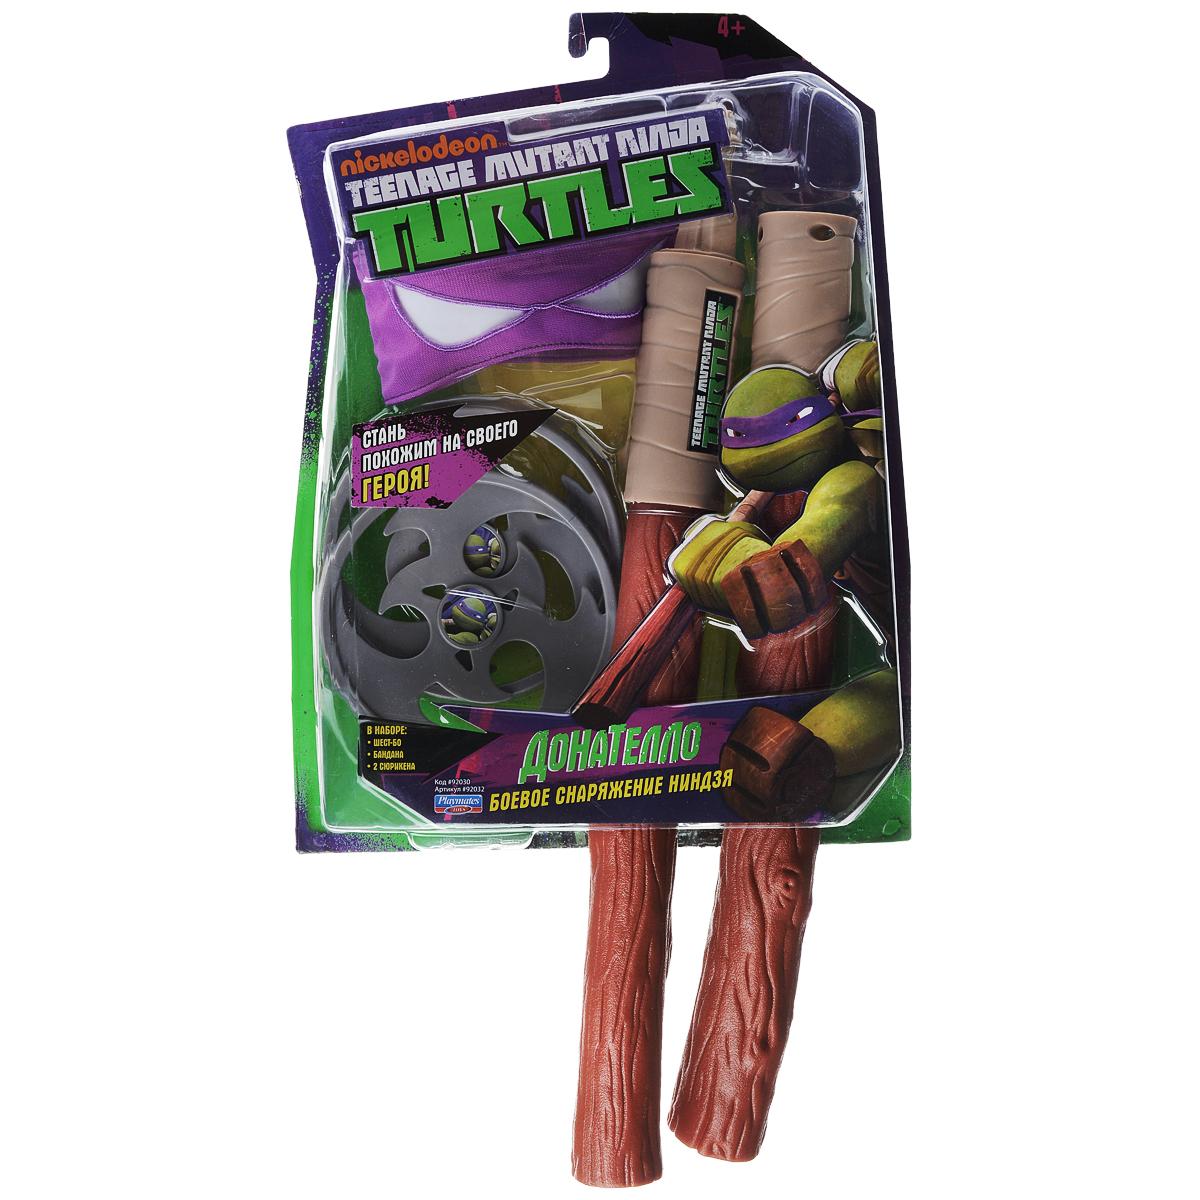 """Игровой набор Turtles """"Боевое снаряжение Черепашки-Ниндзя: Донателло"""", 4 предмета"""